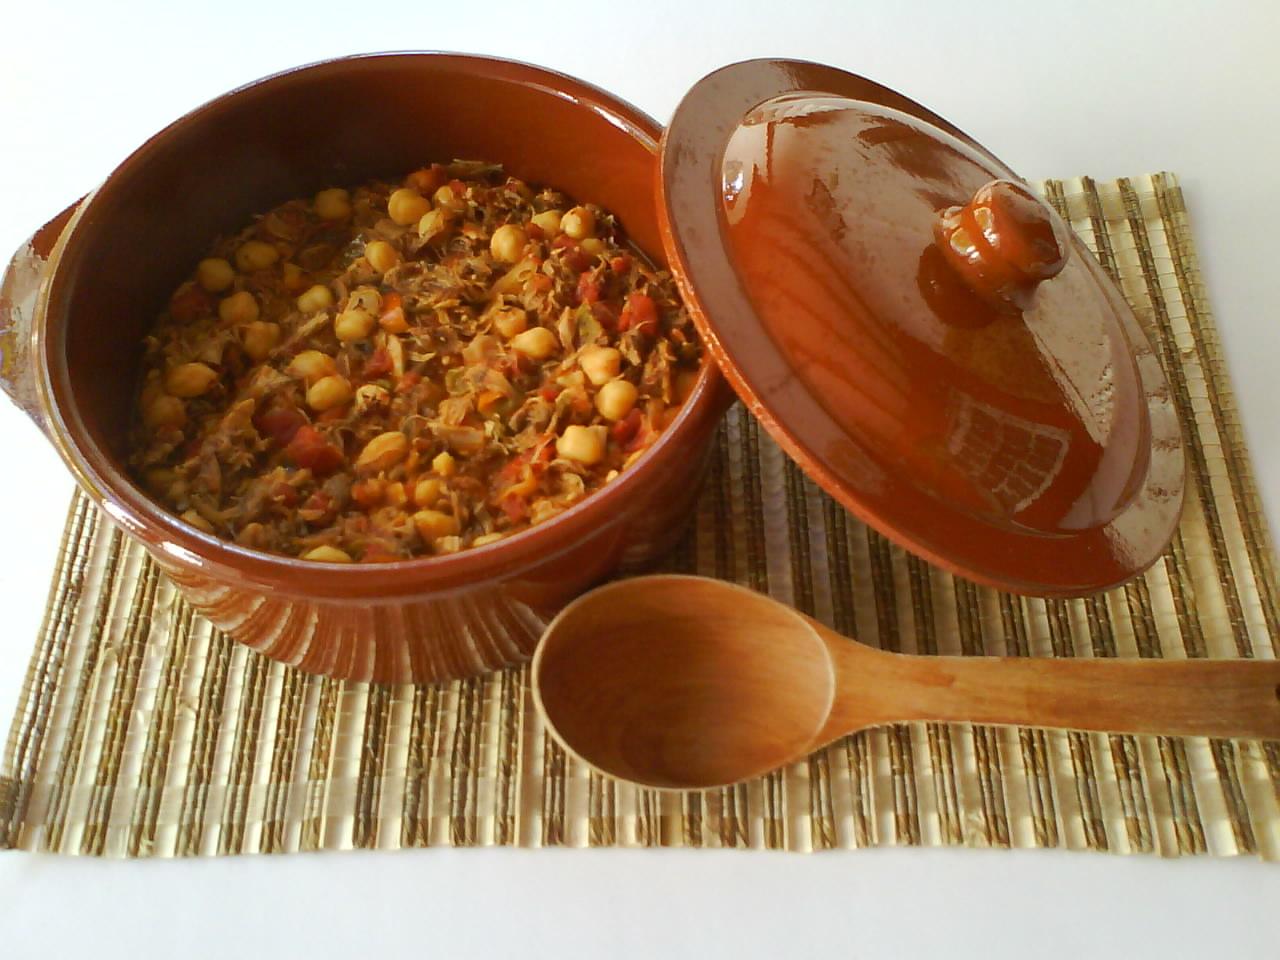 Ropa vieja con sopa de fideos, 'En la cocina'